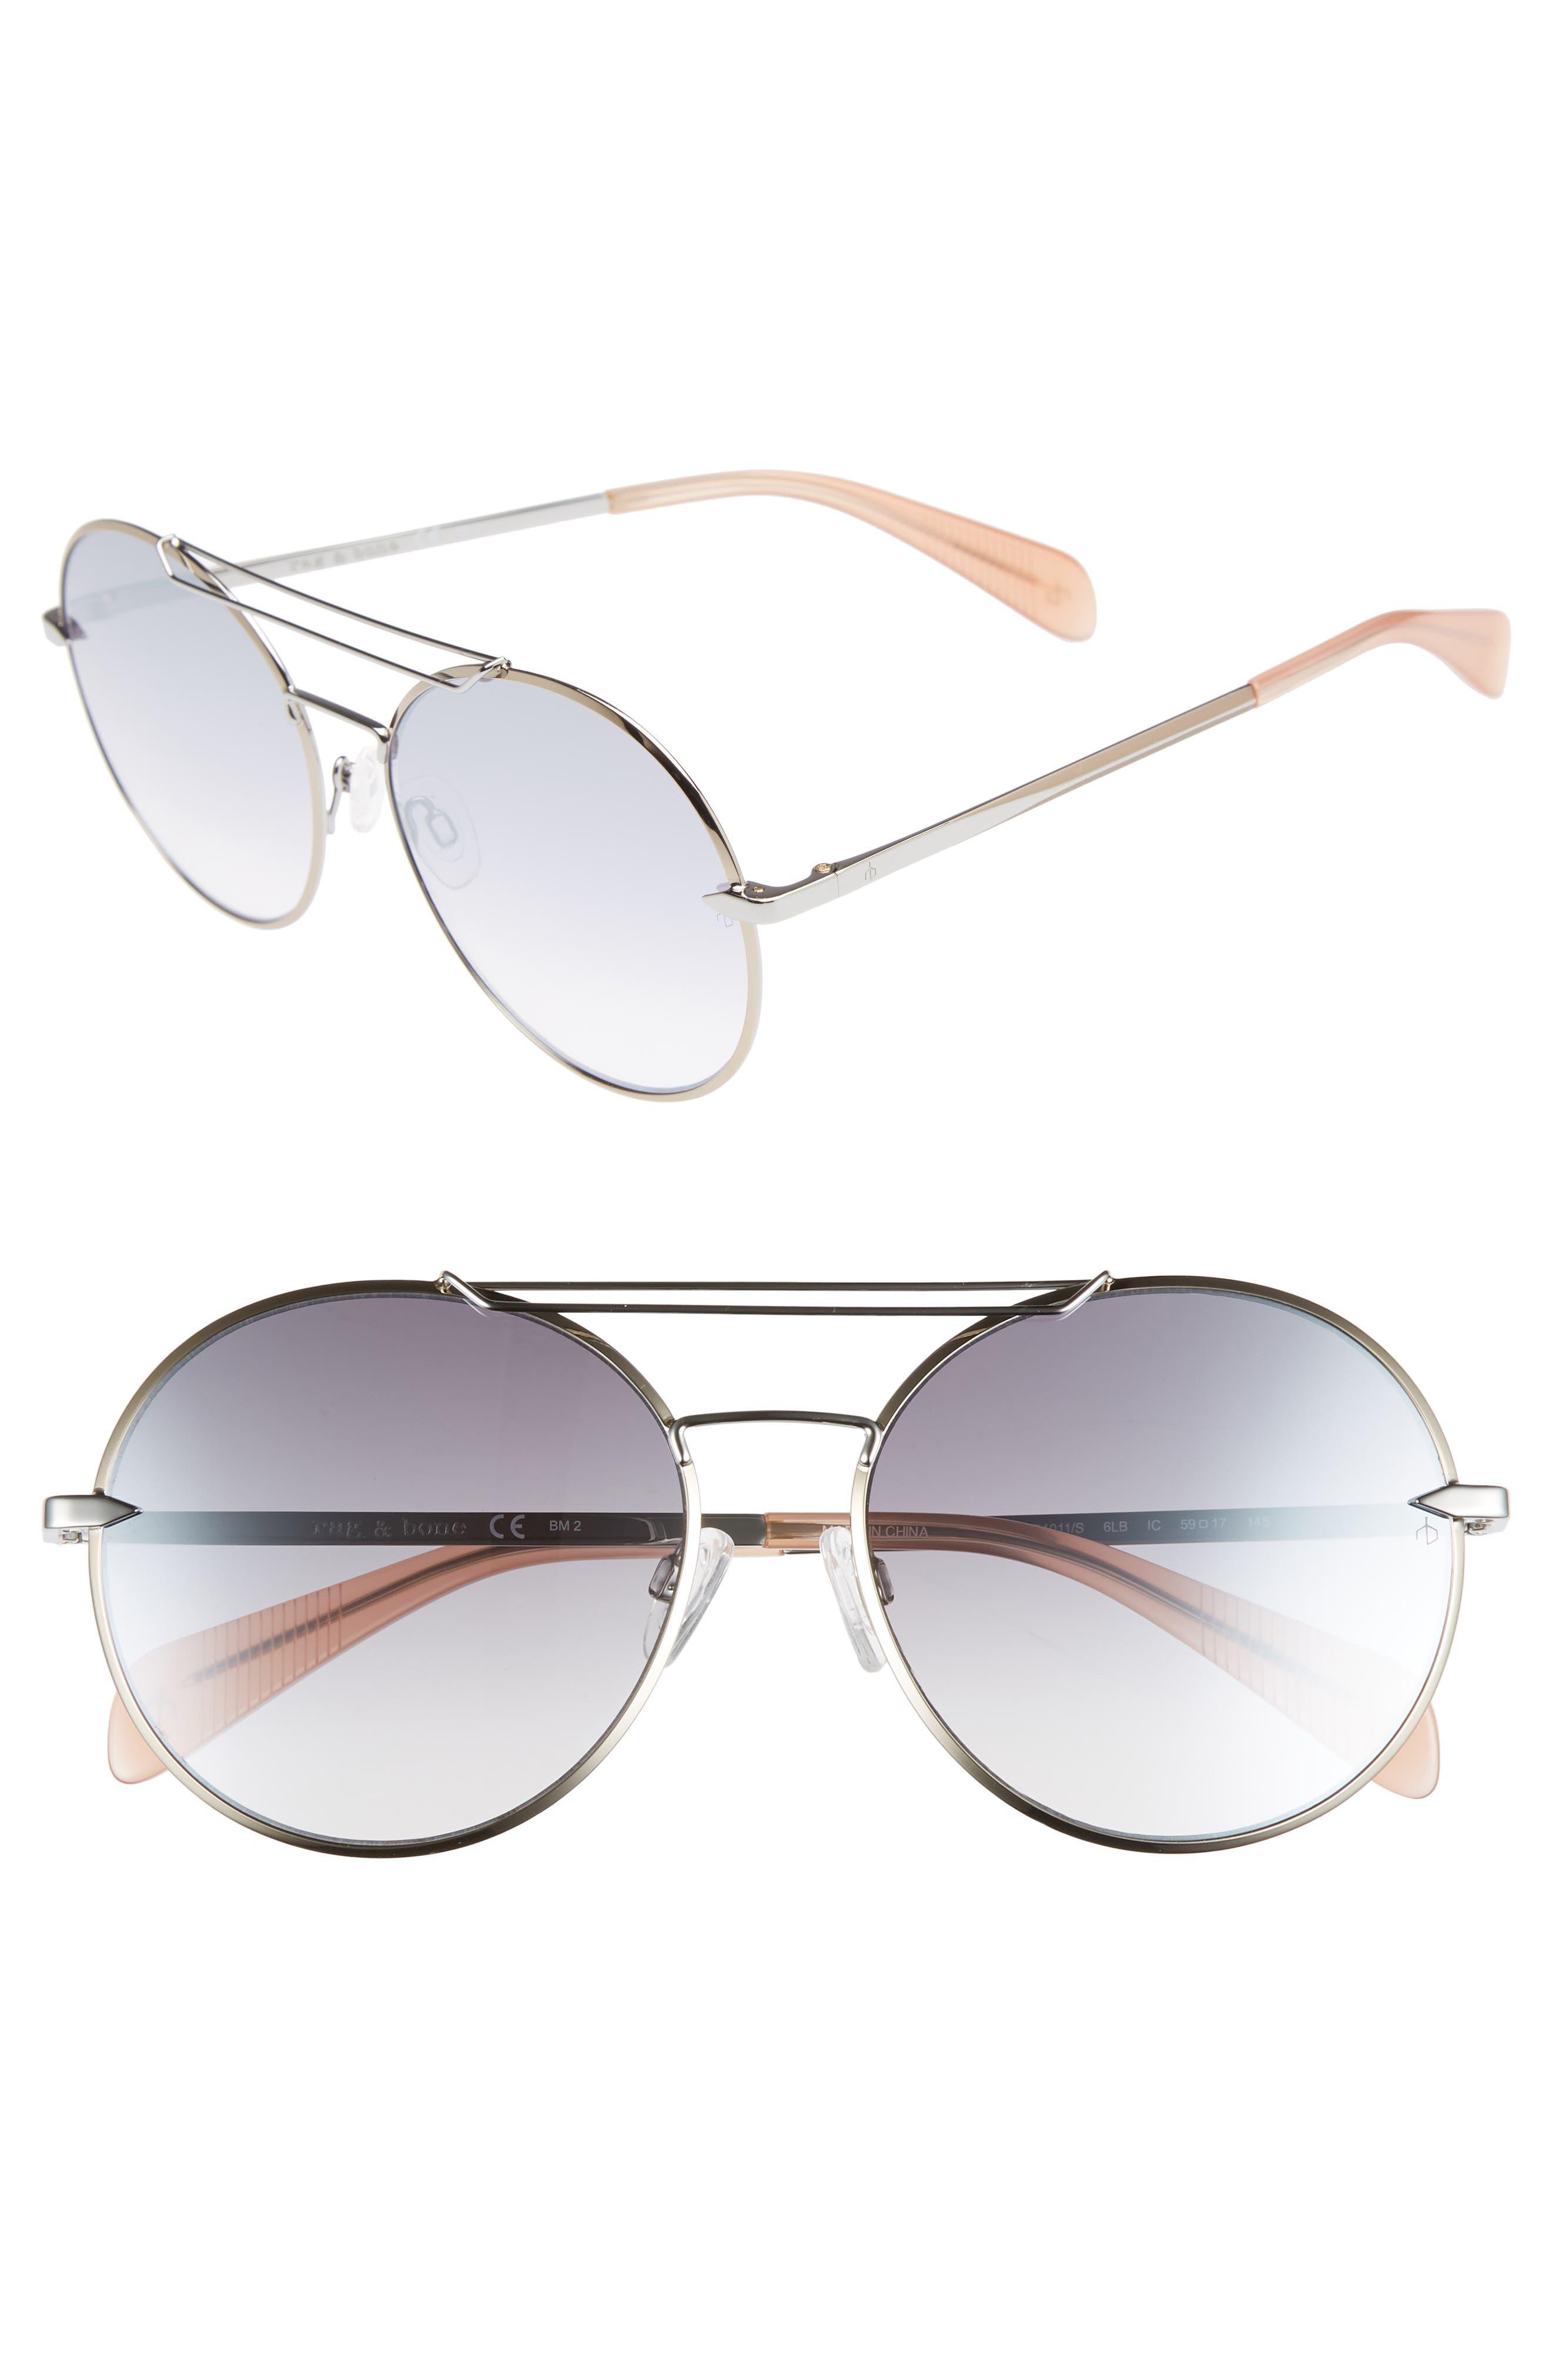 59mm Round Metal Aviator Sunglasses,                         Main,                         color, RUTHENIUM